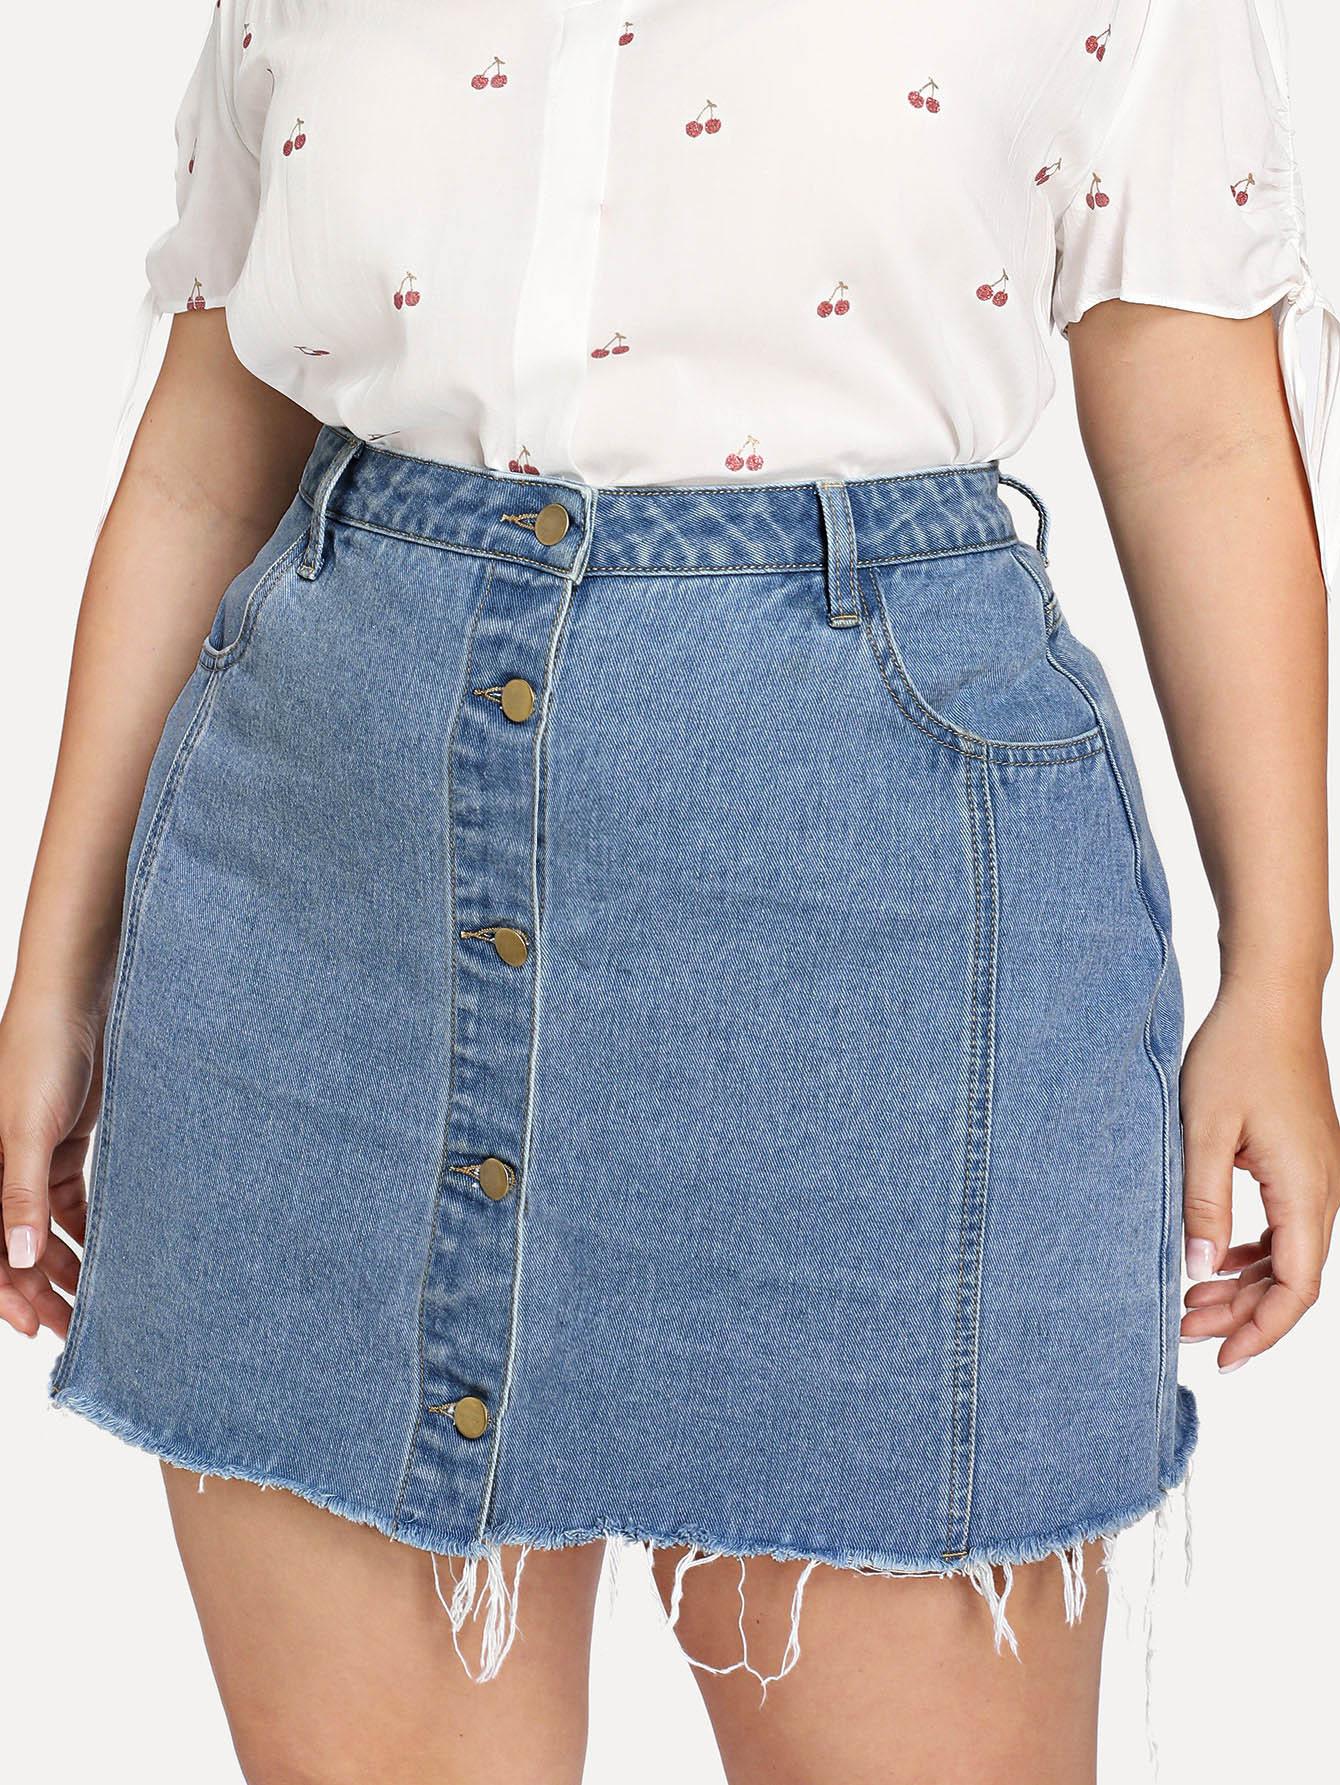 Купить Ручная пуговица через джинсовую юбку, Franziska, SheIn